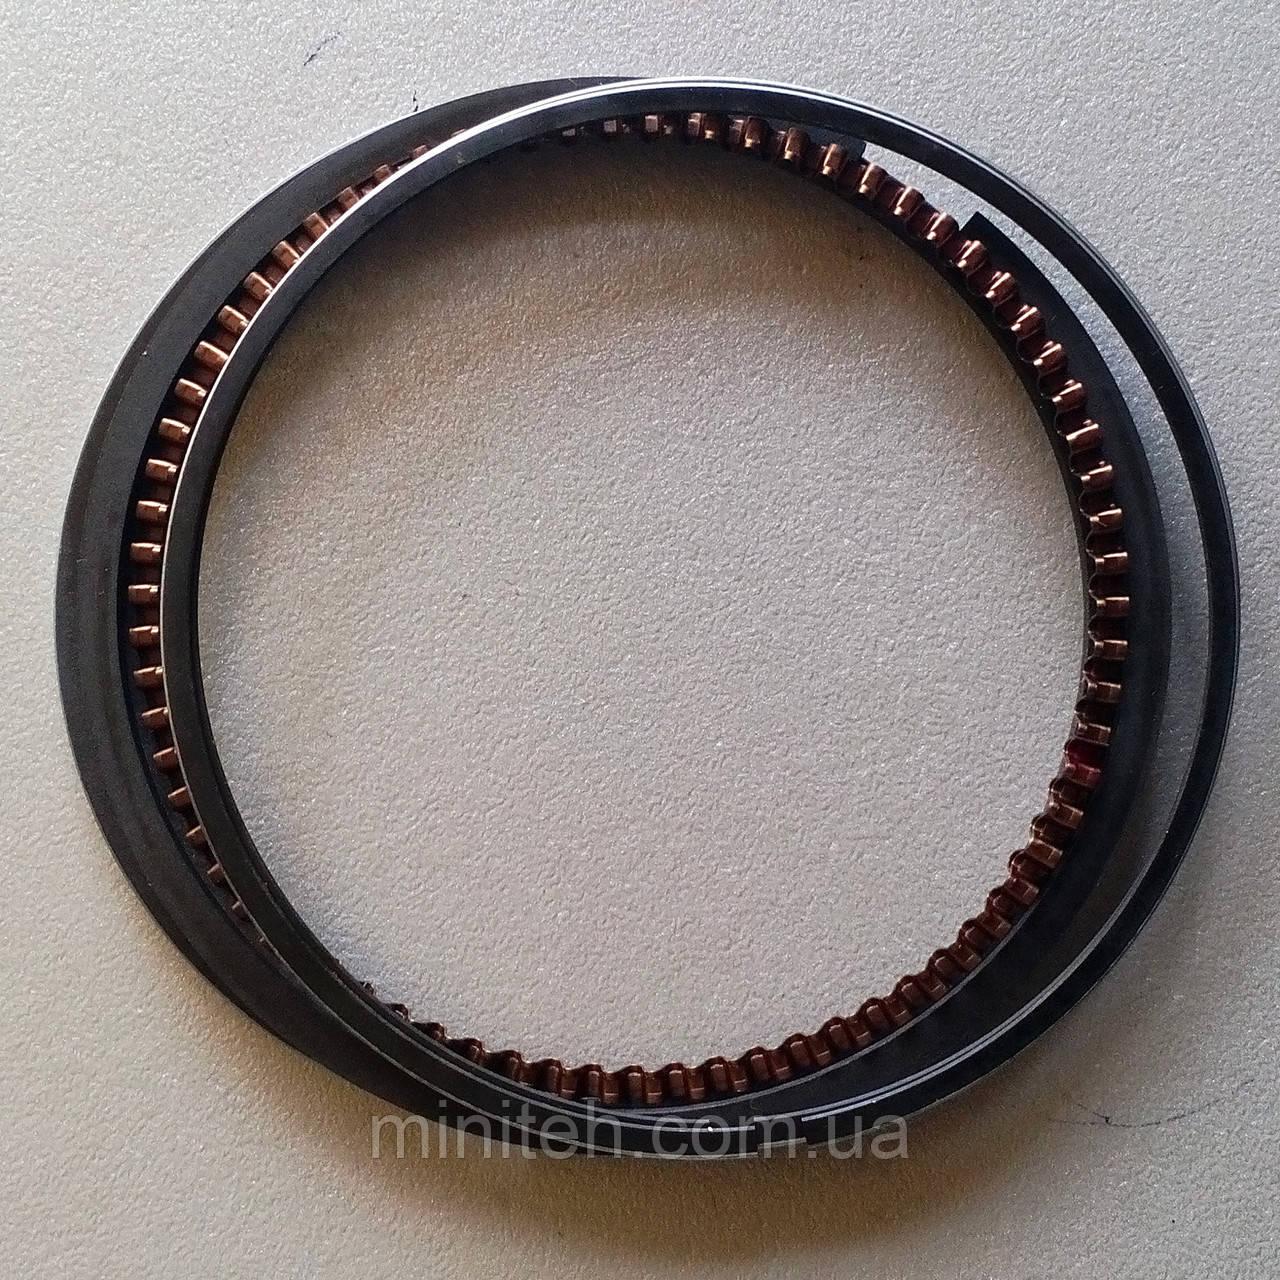 Кольца поршневые ремонтные 177F (77,5мм, бензин)